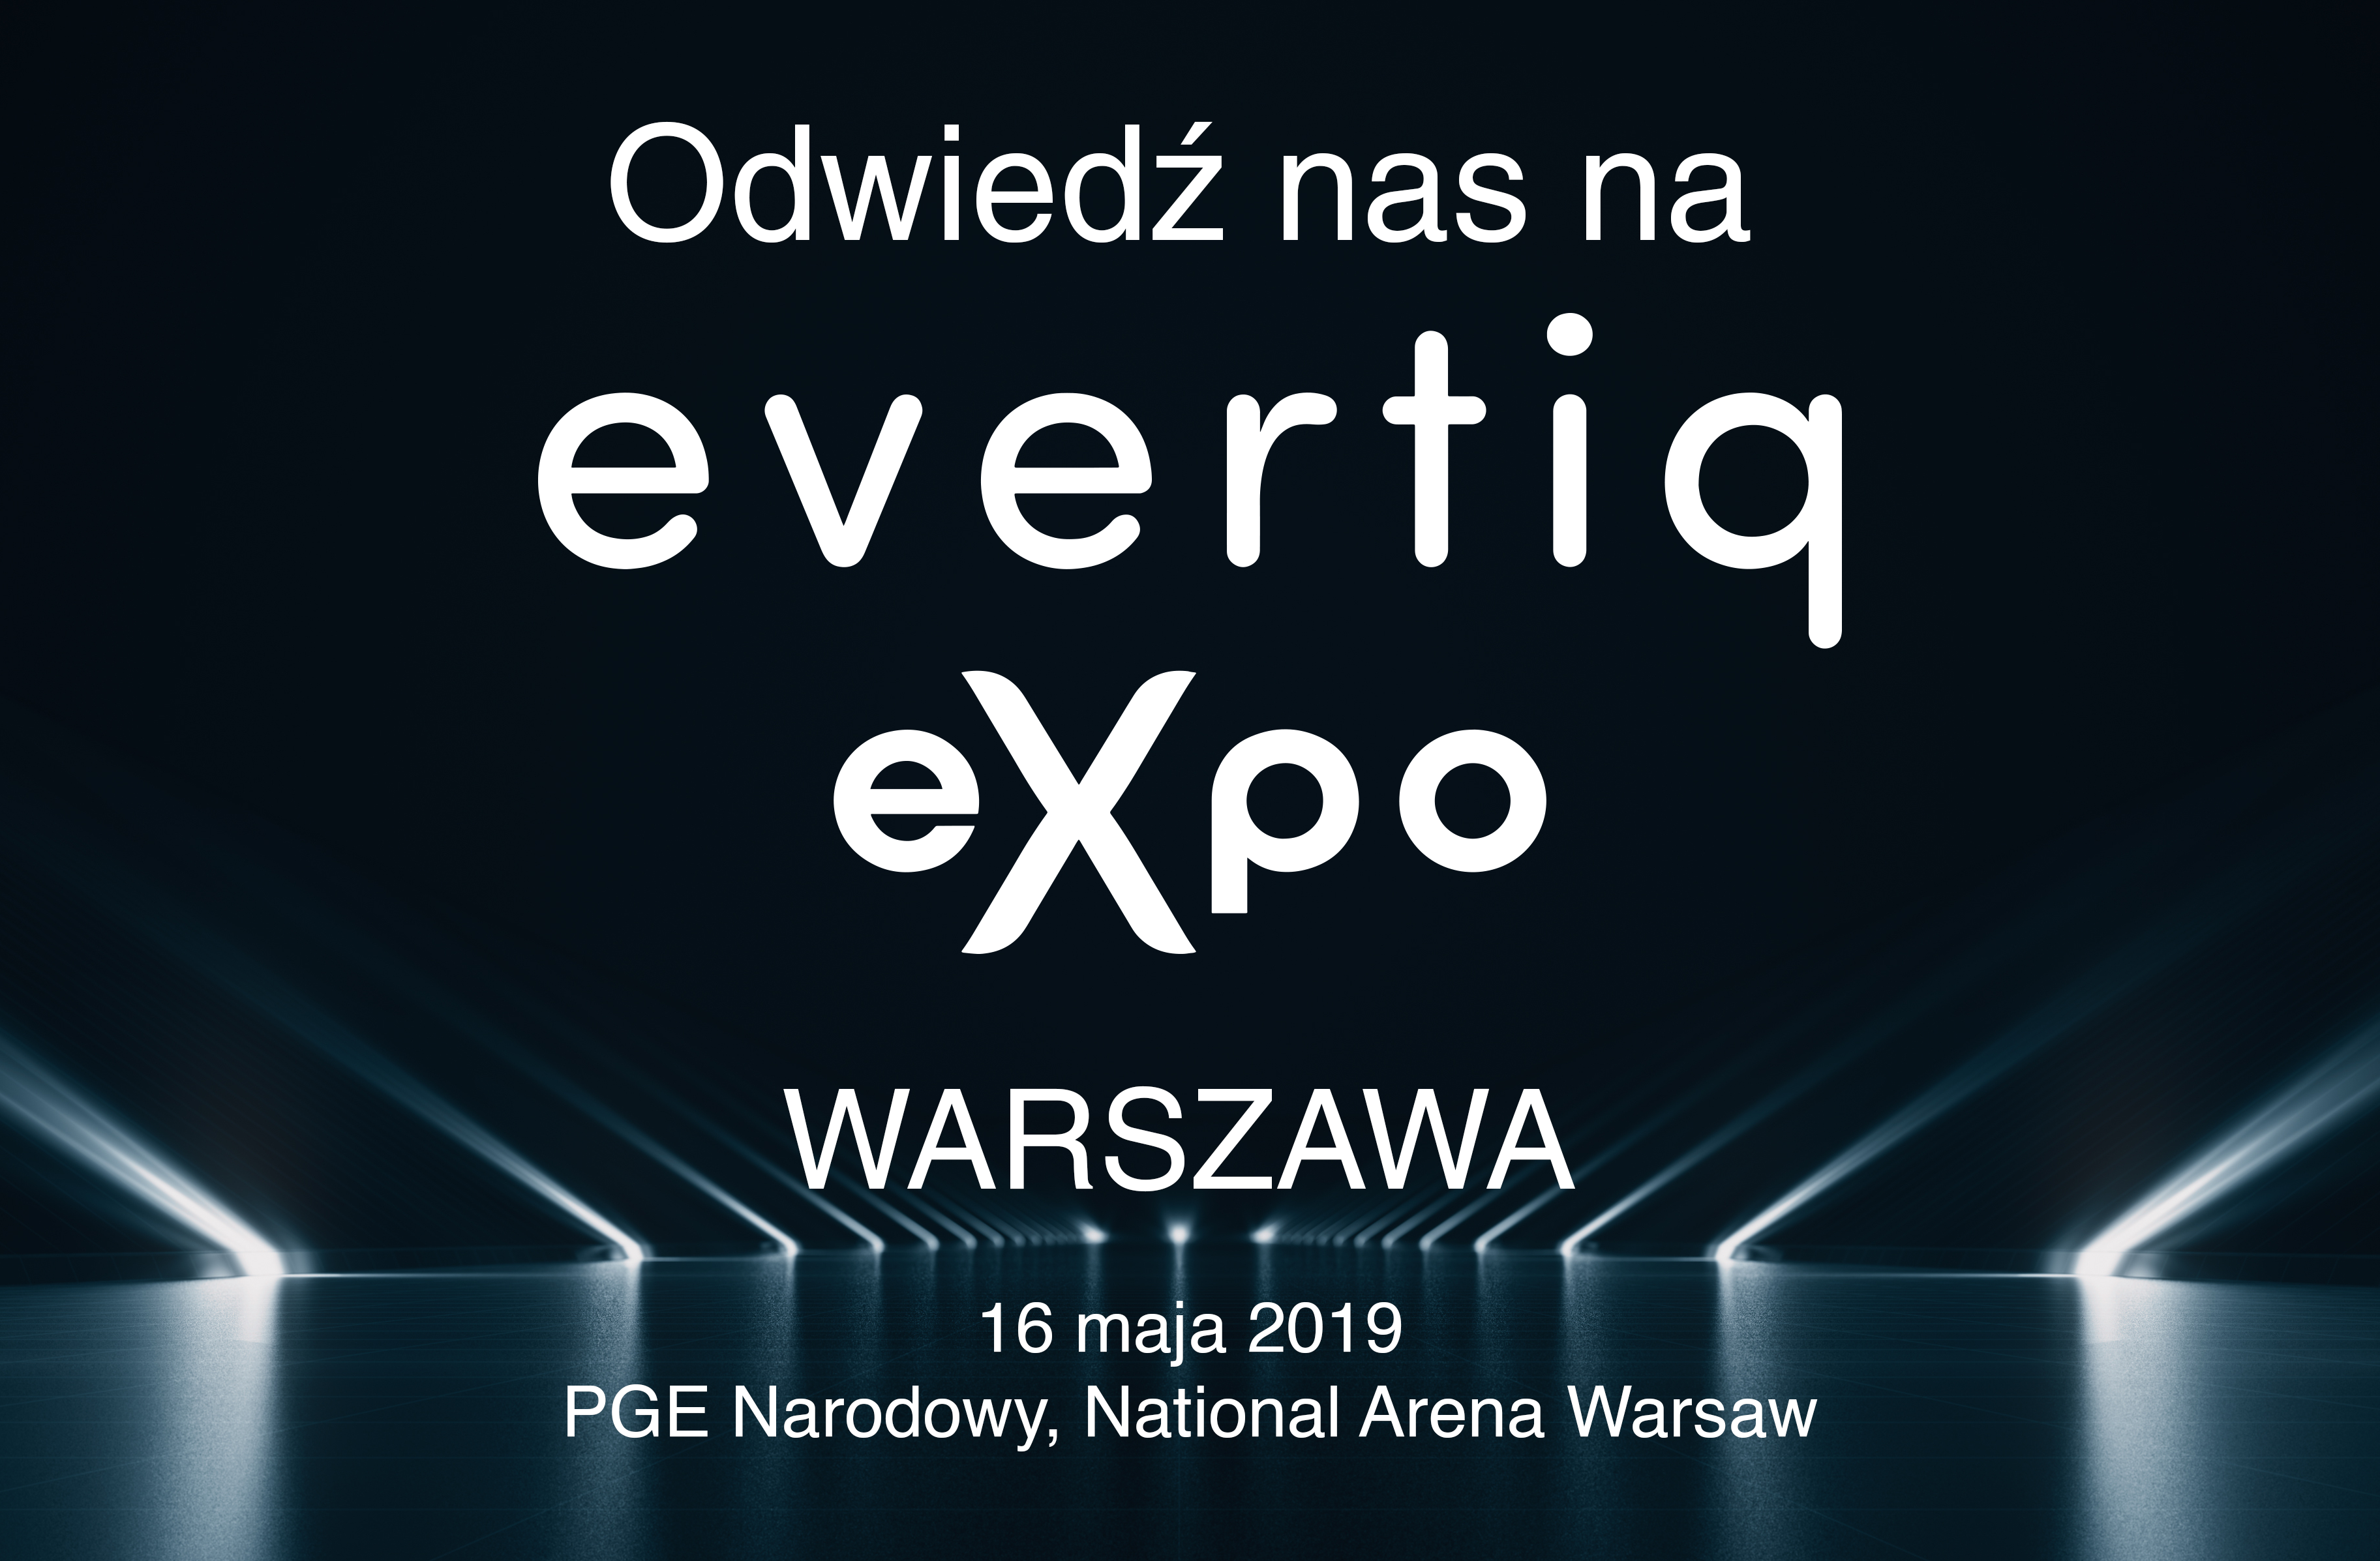 Zaproszenie na targi Evertiq Expo